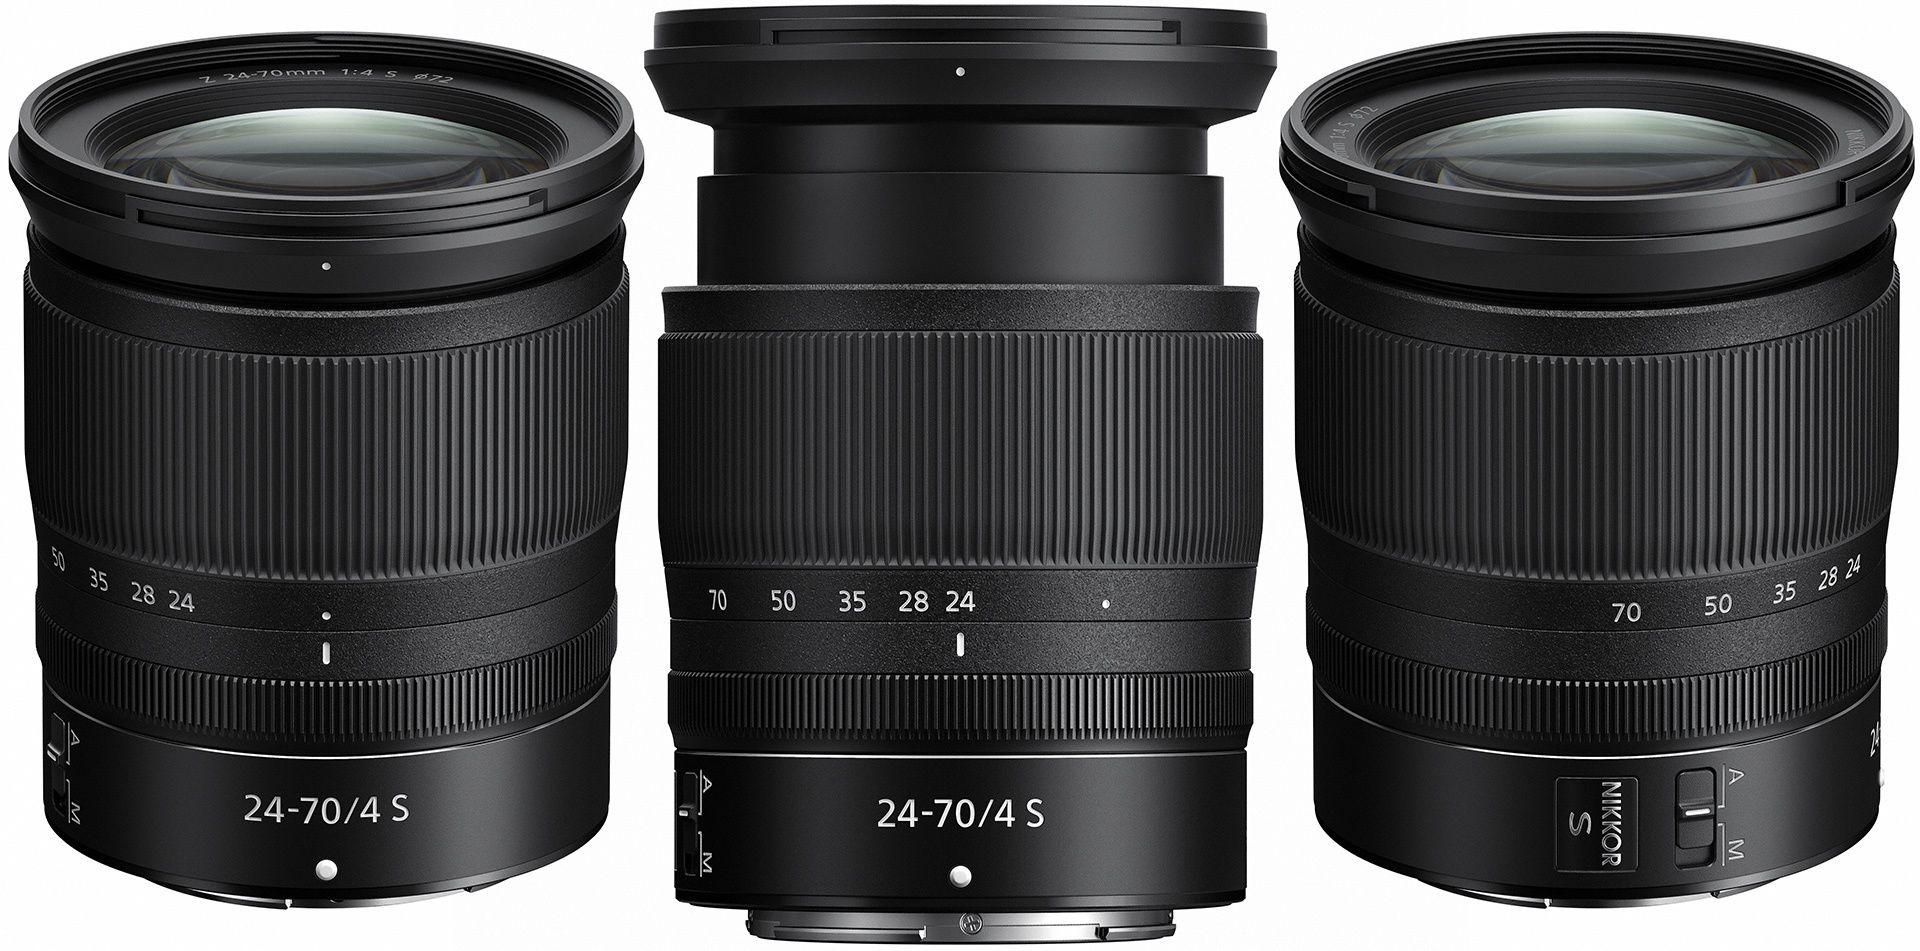 Vorstellung Nikon Nikkor z 24-70 mm F/4 S.